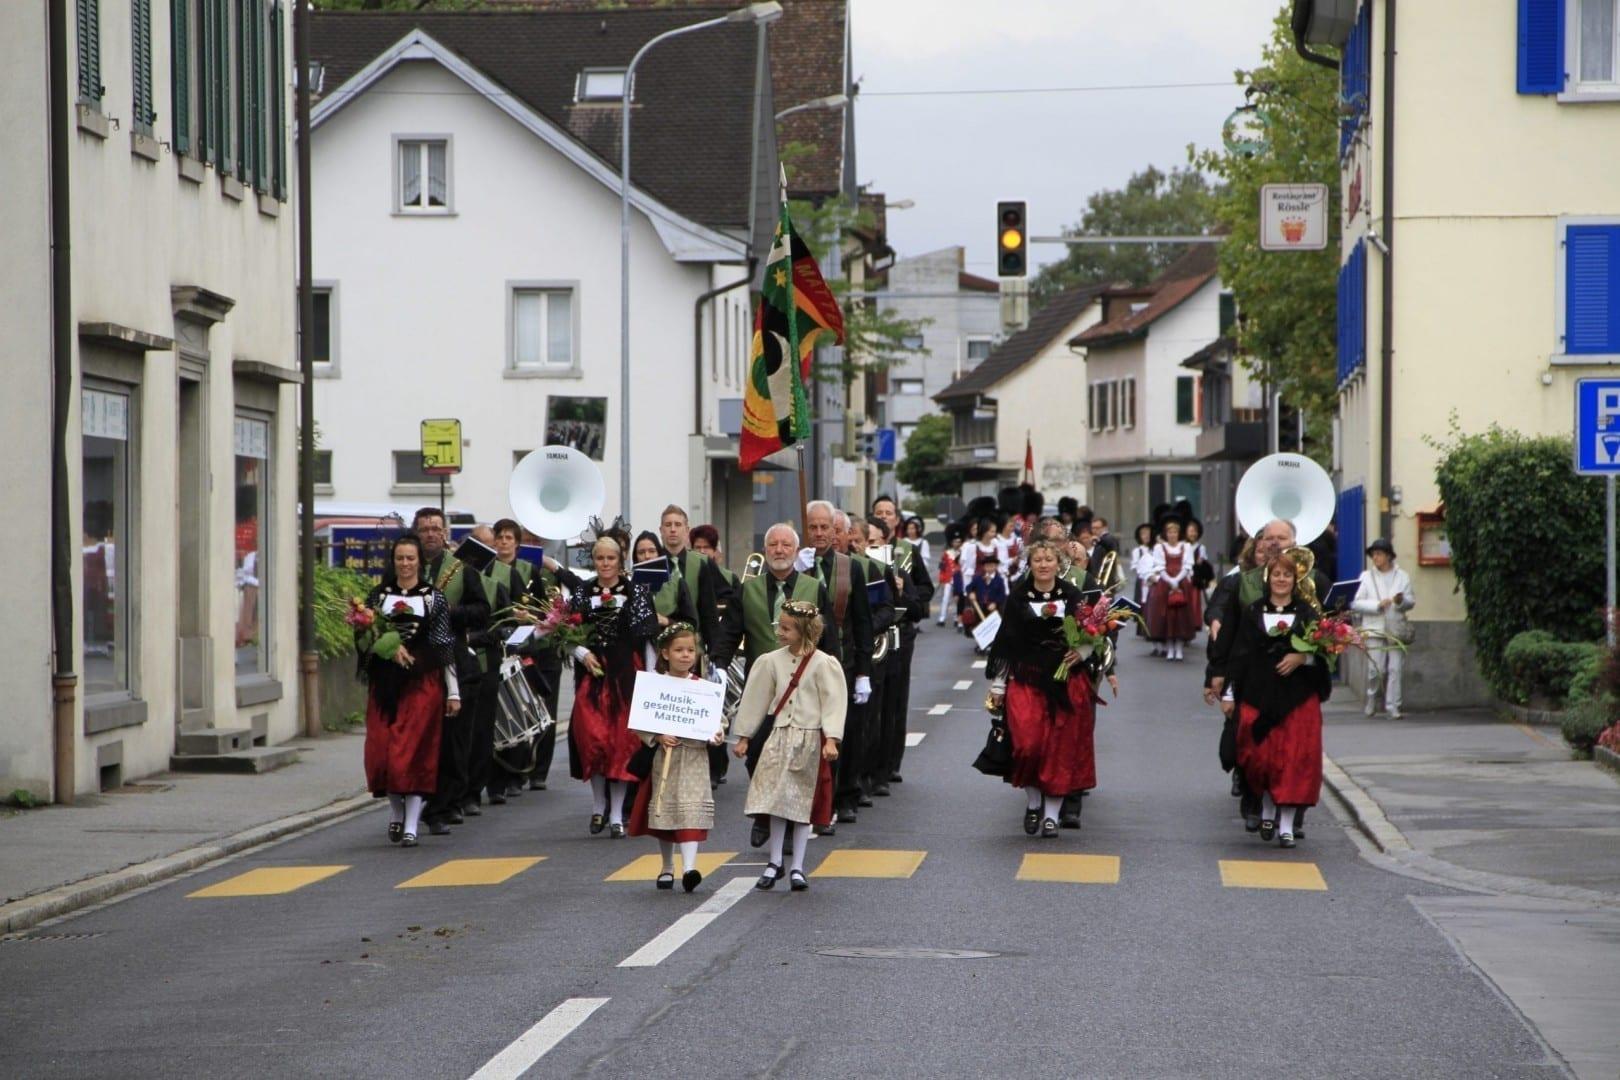 El desfile de tatuajes del Príncipe Liechtenstein en Schaan Liechtenstein